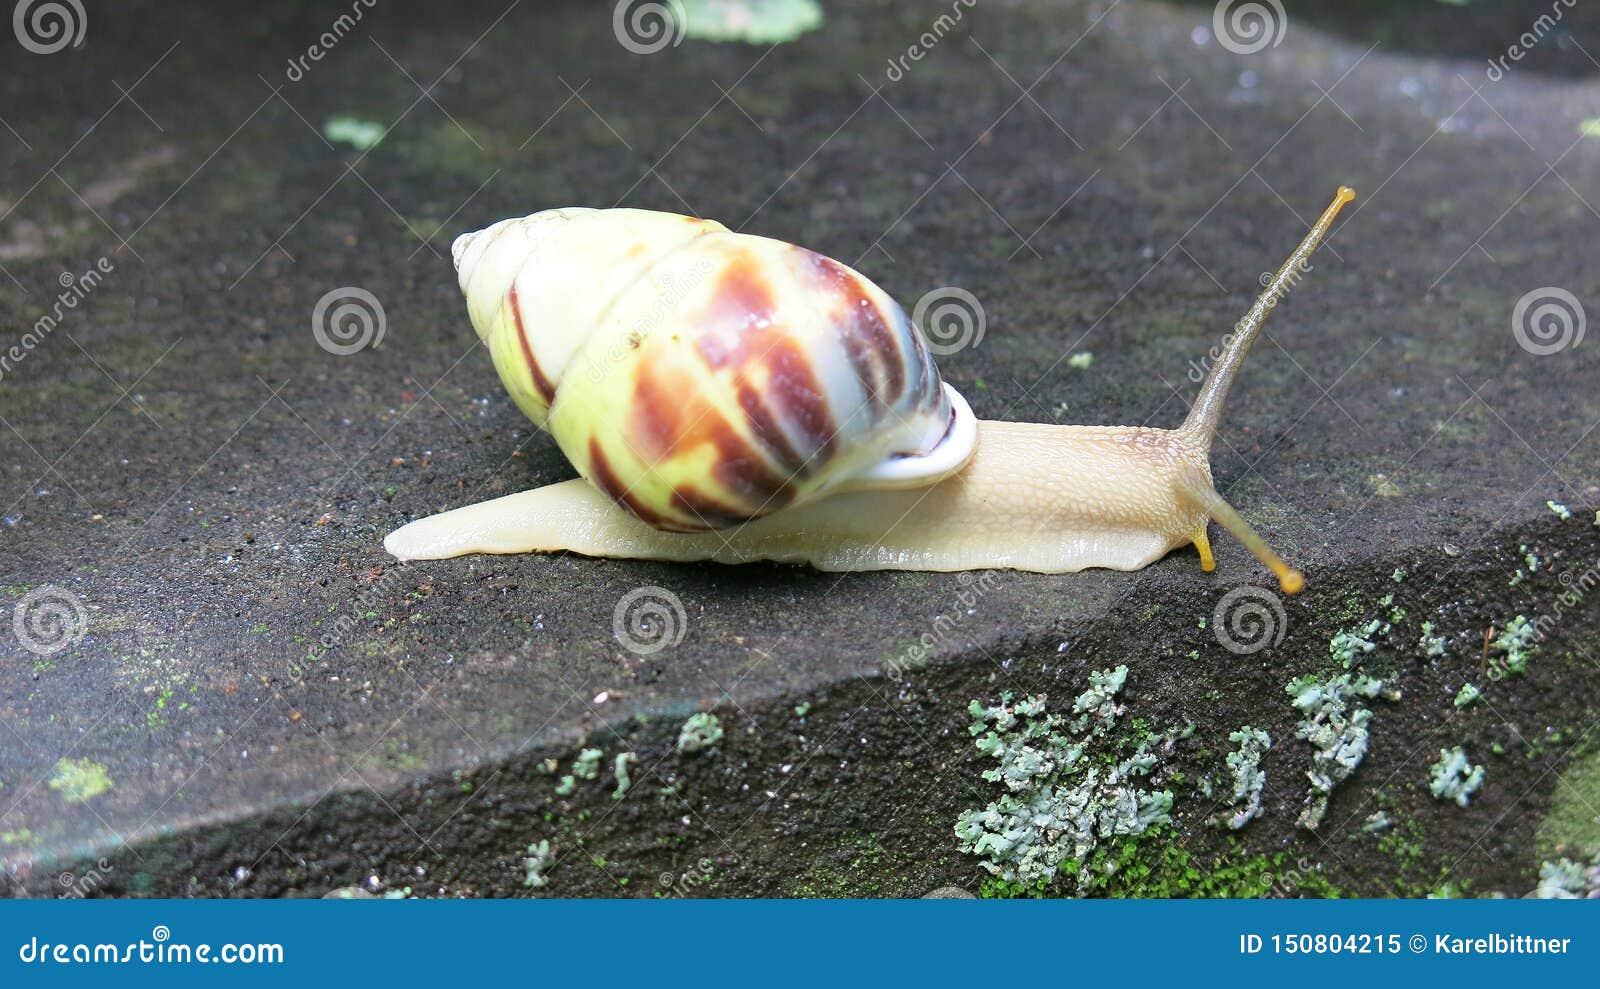 Kleurrijke slak op concrete stap Lange antennes Uit shell